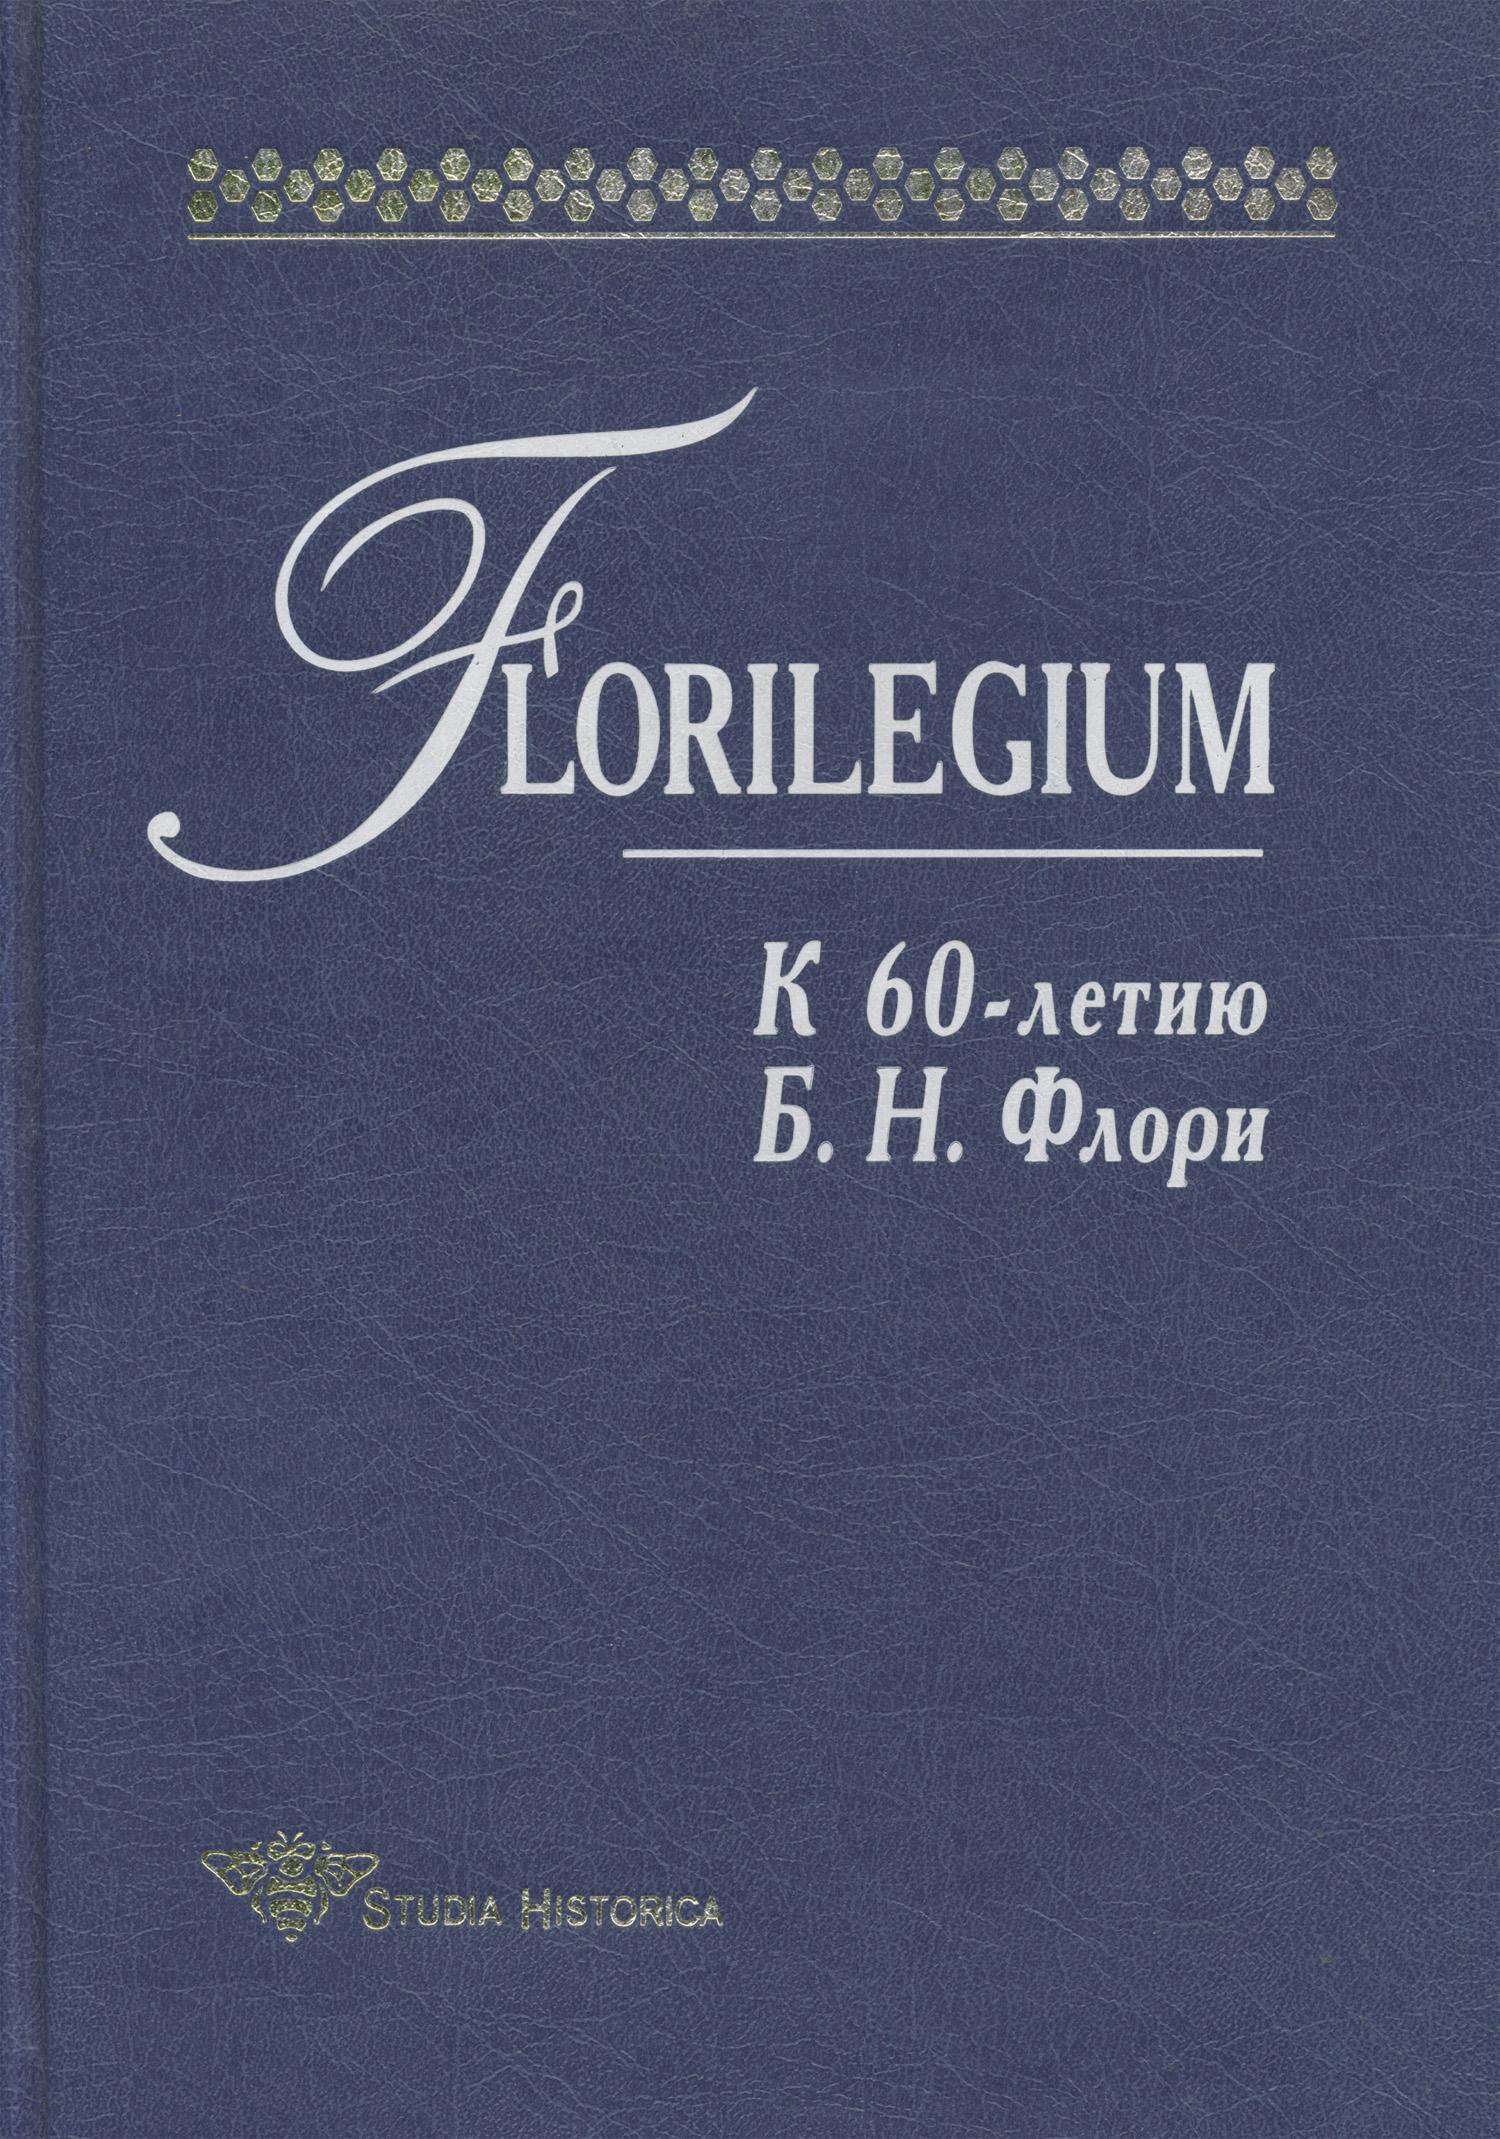 Коллектив авторов Florilegium. К 60-летию Б. Н. Флори. Сборник статей g muffat florilegium secundum